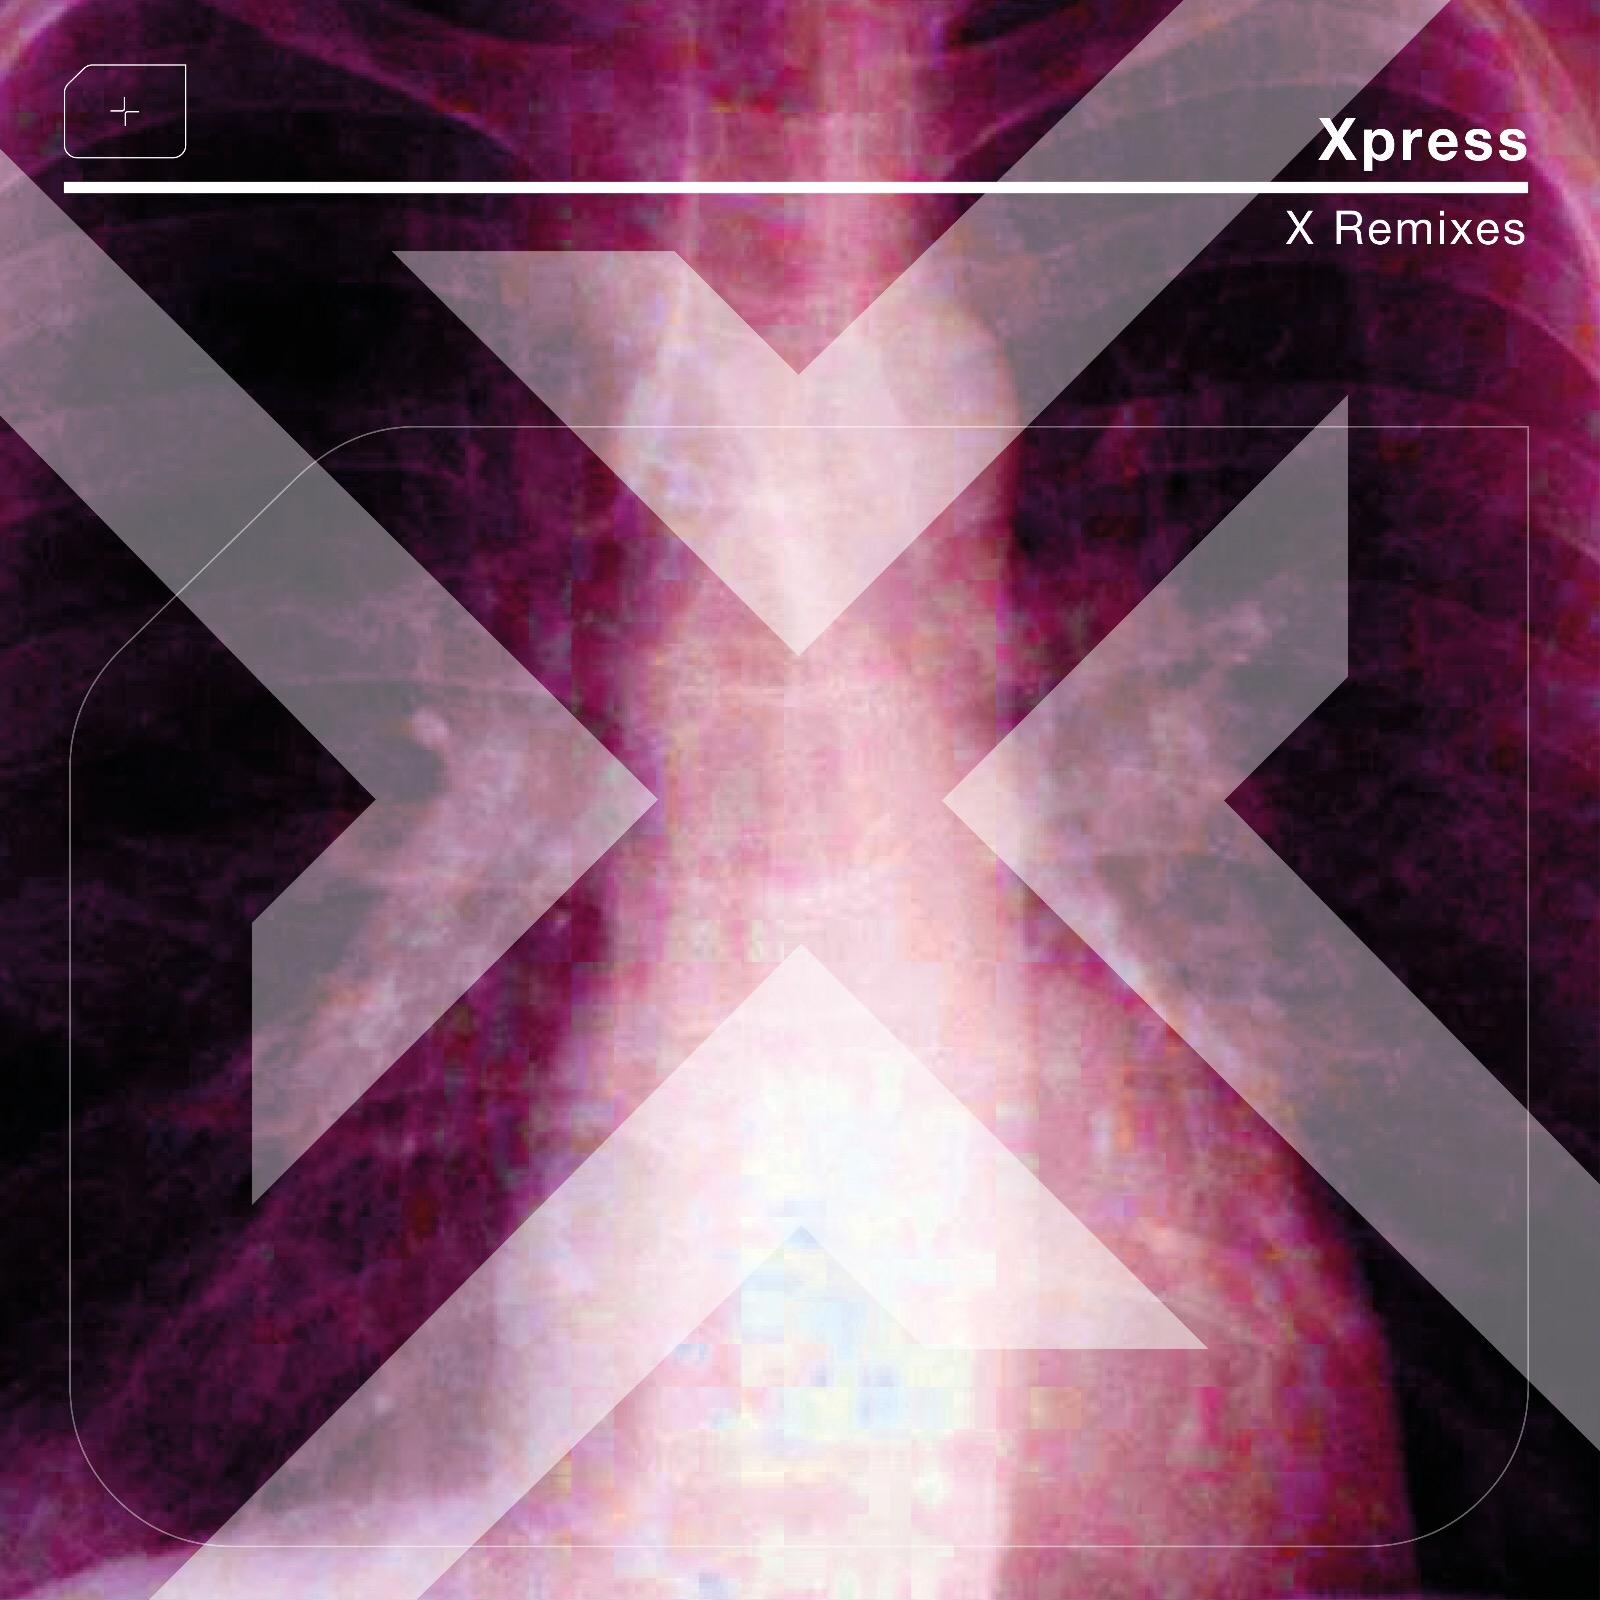 DMP008 - Xpress - X Remixes Cover.jpg